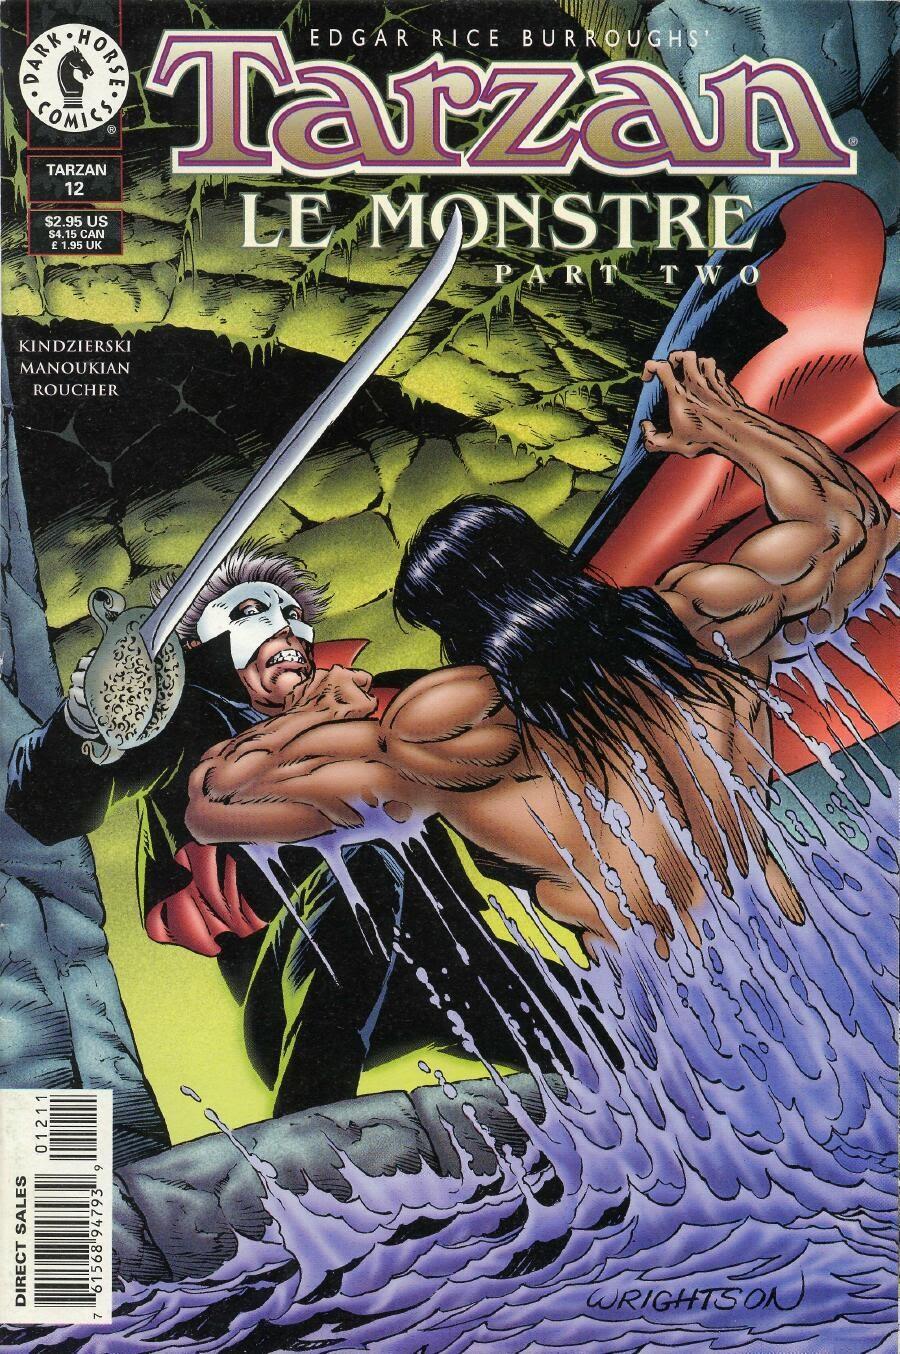 Tarzan (1996) issue 12 - Page 1